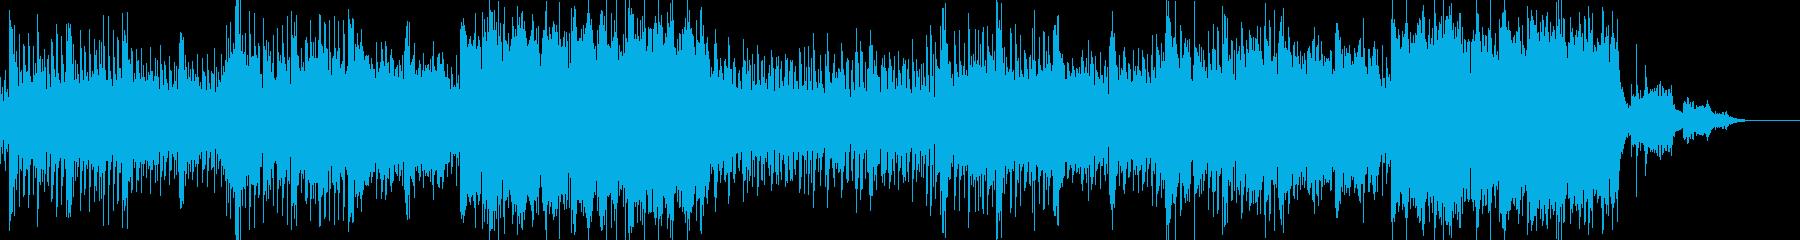 3拍子のせつない感動的な女声多重コーラスの再生済みの波形